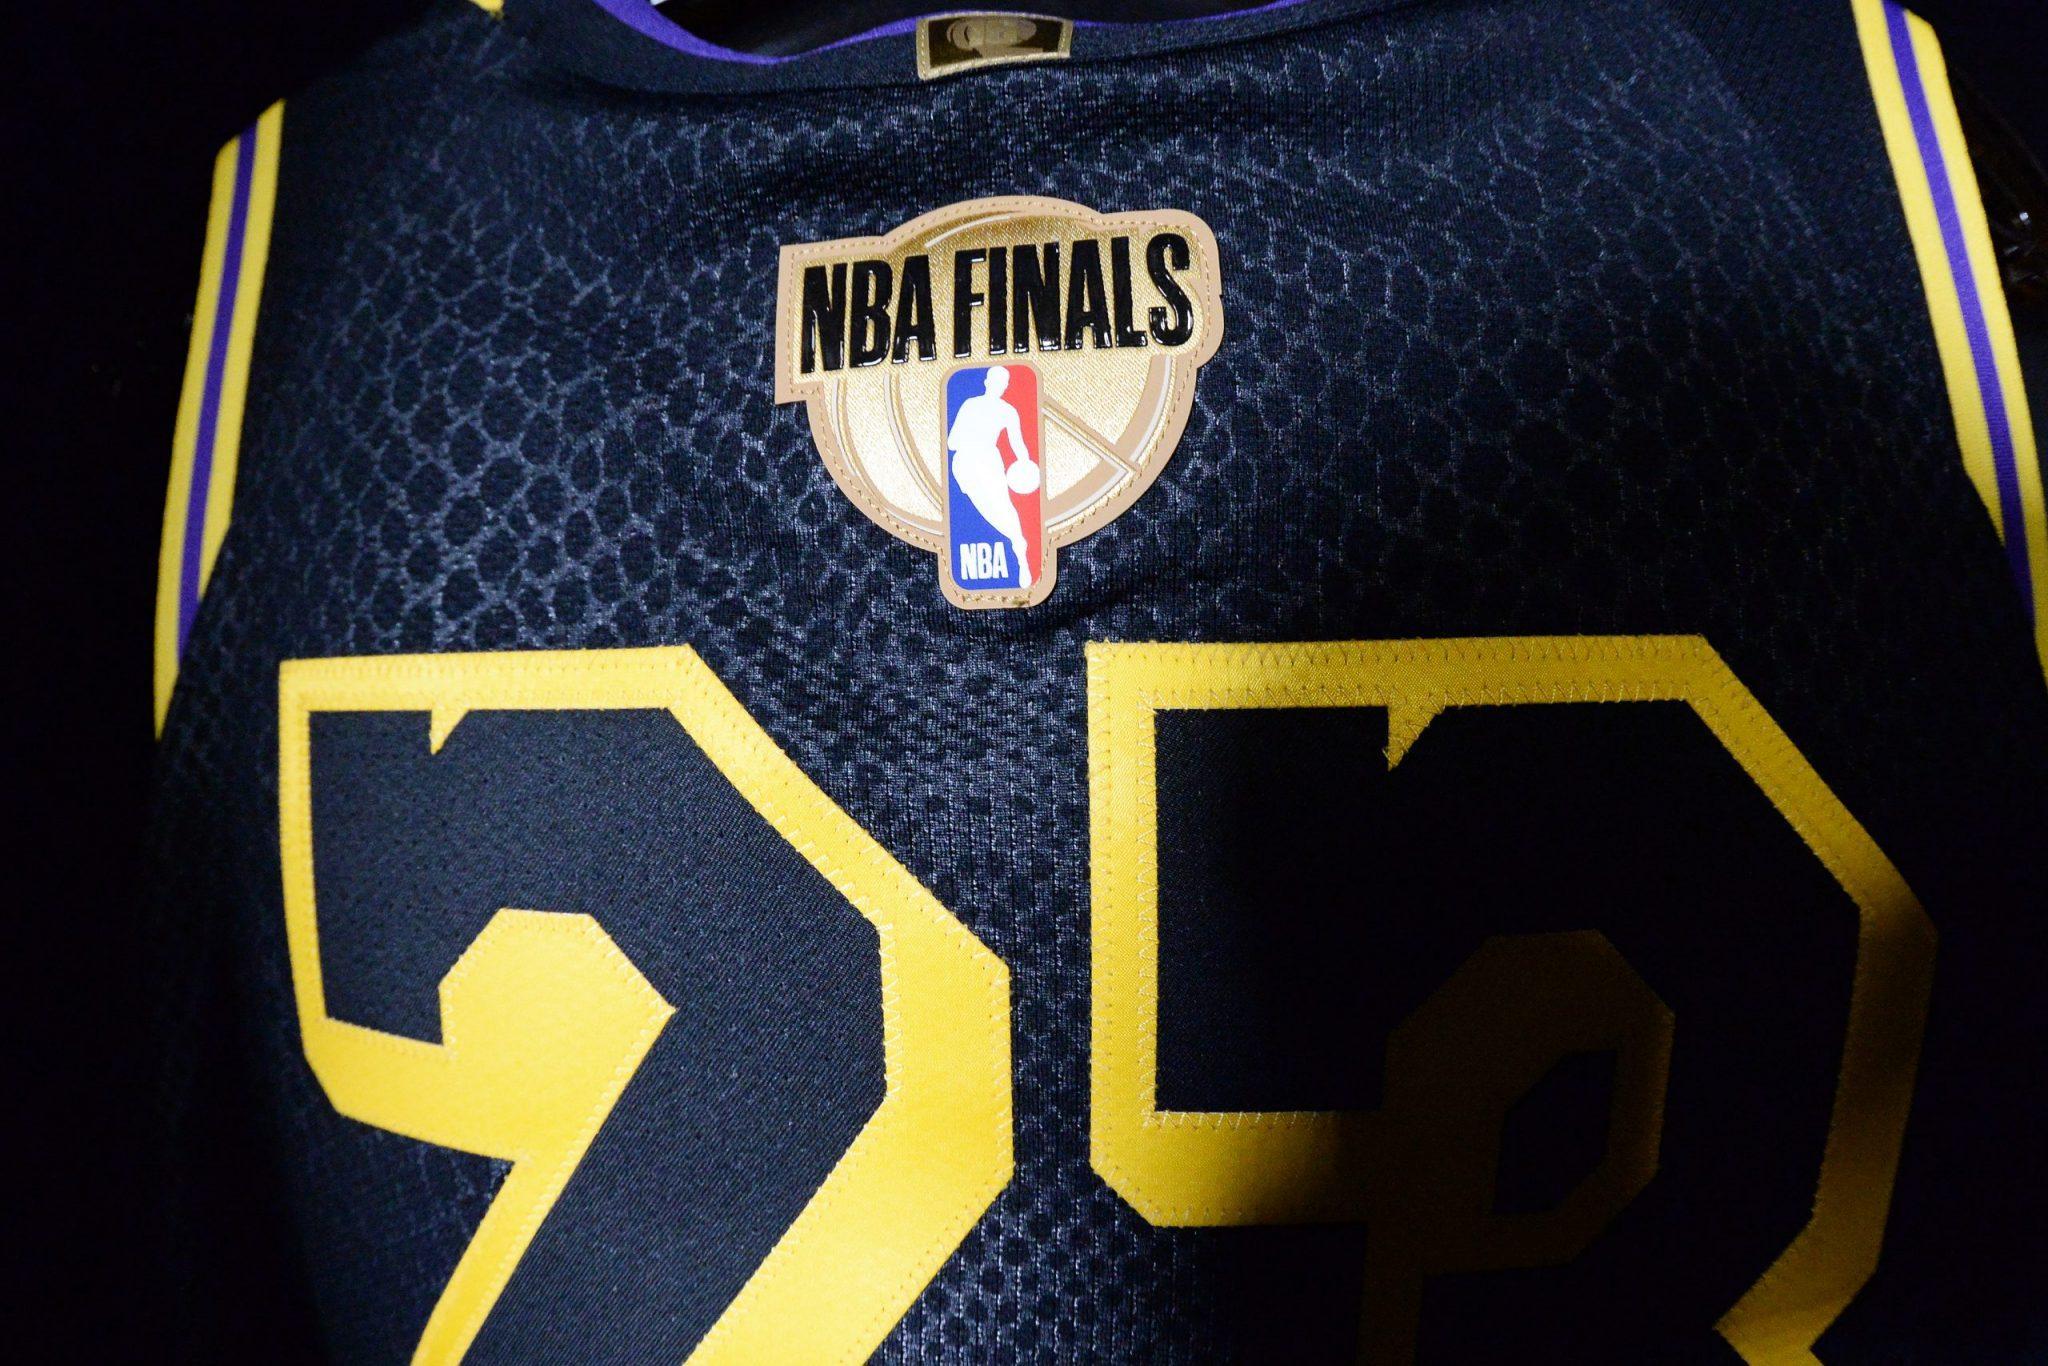 La historia de la camiseta de la segunda victoria de los Lakers en clave Kobe, por José Ajero